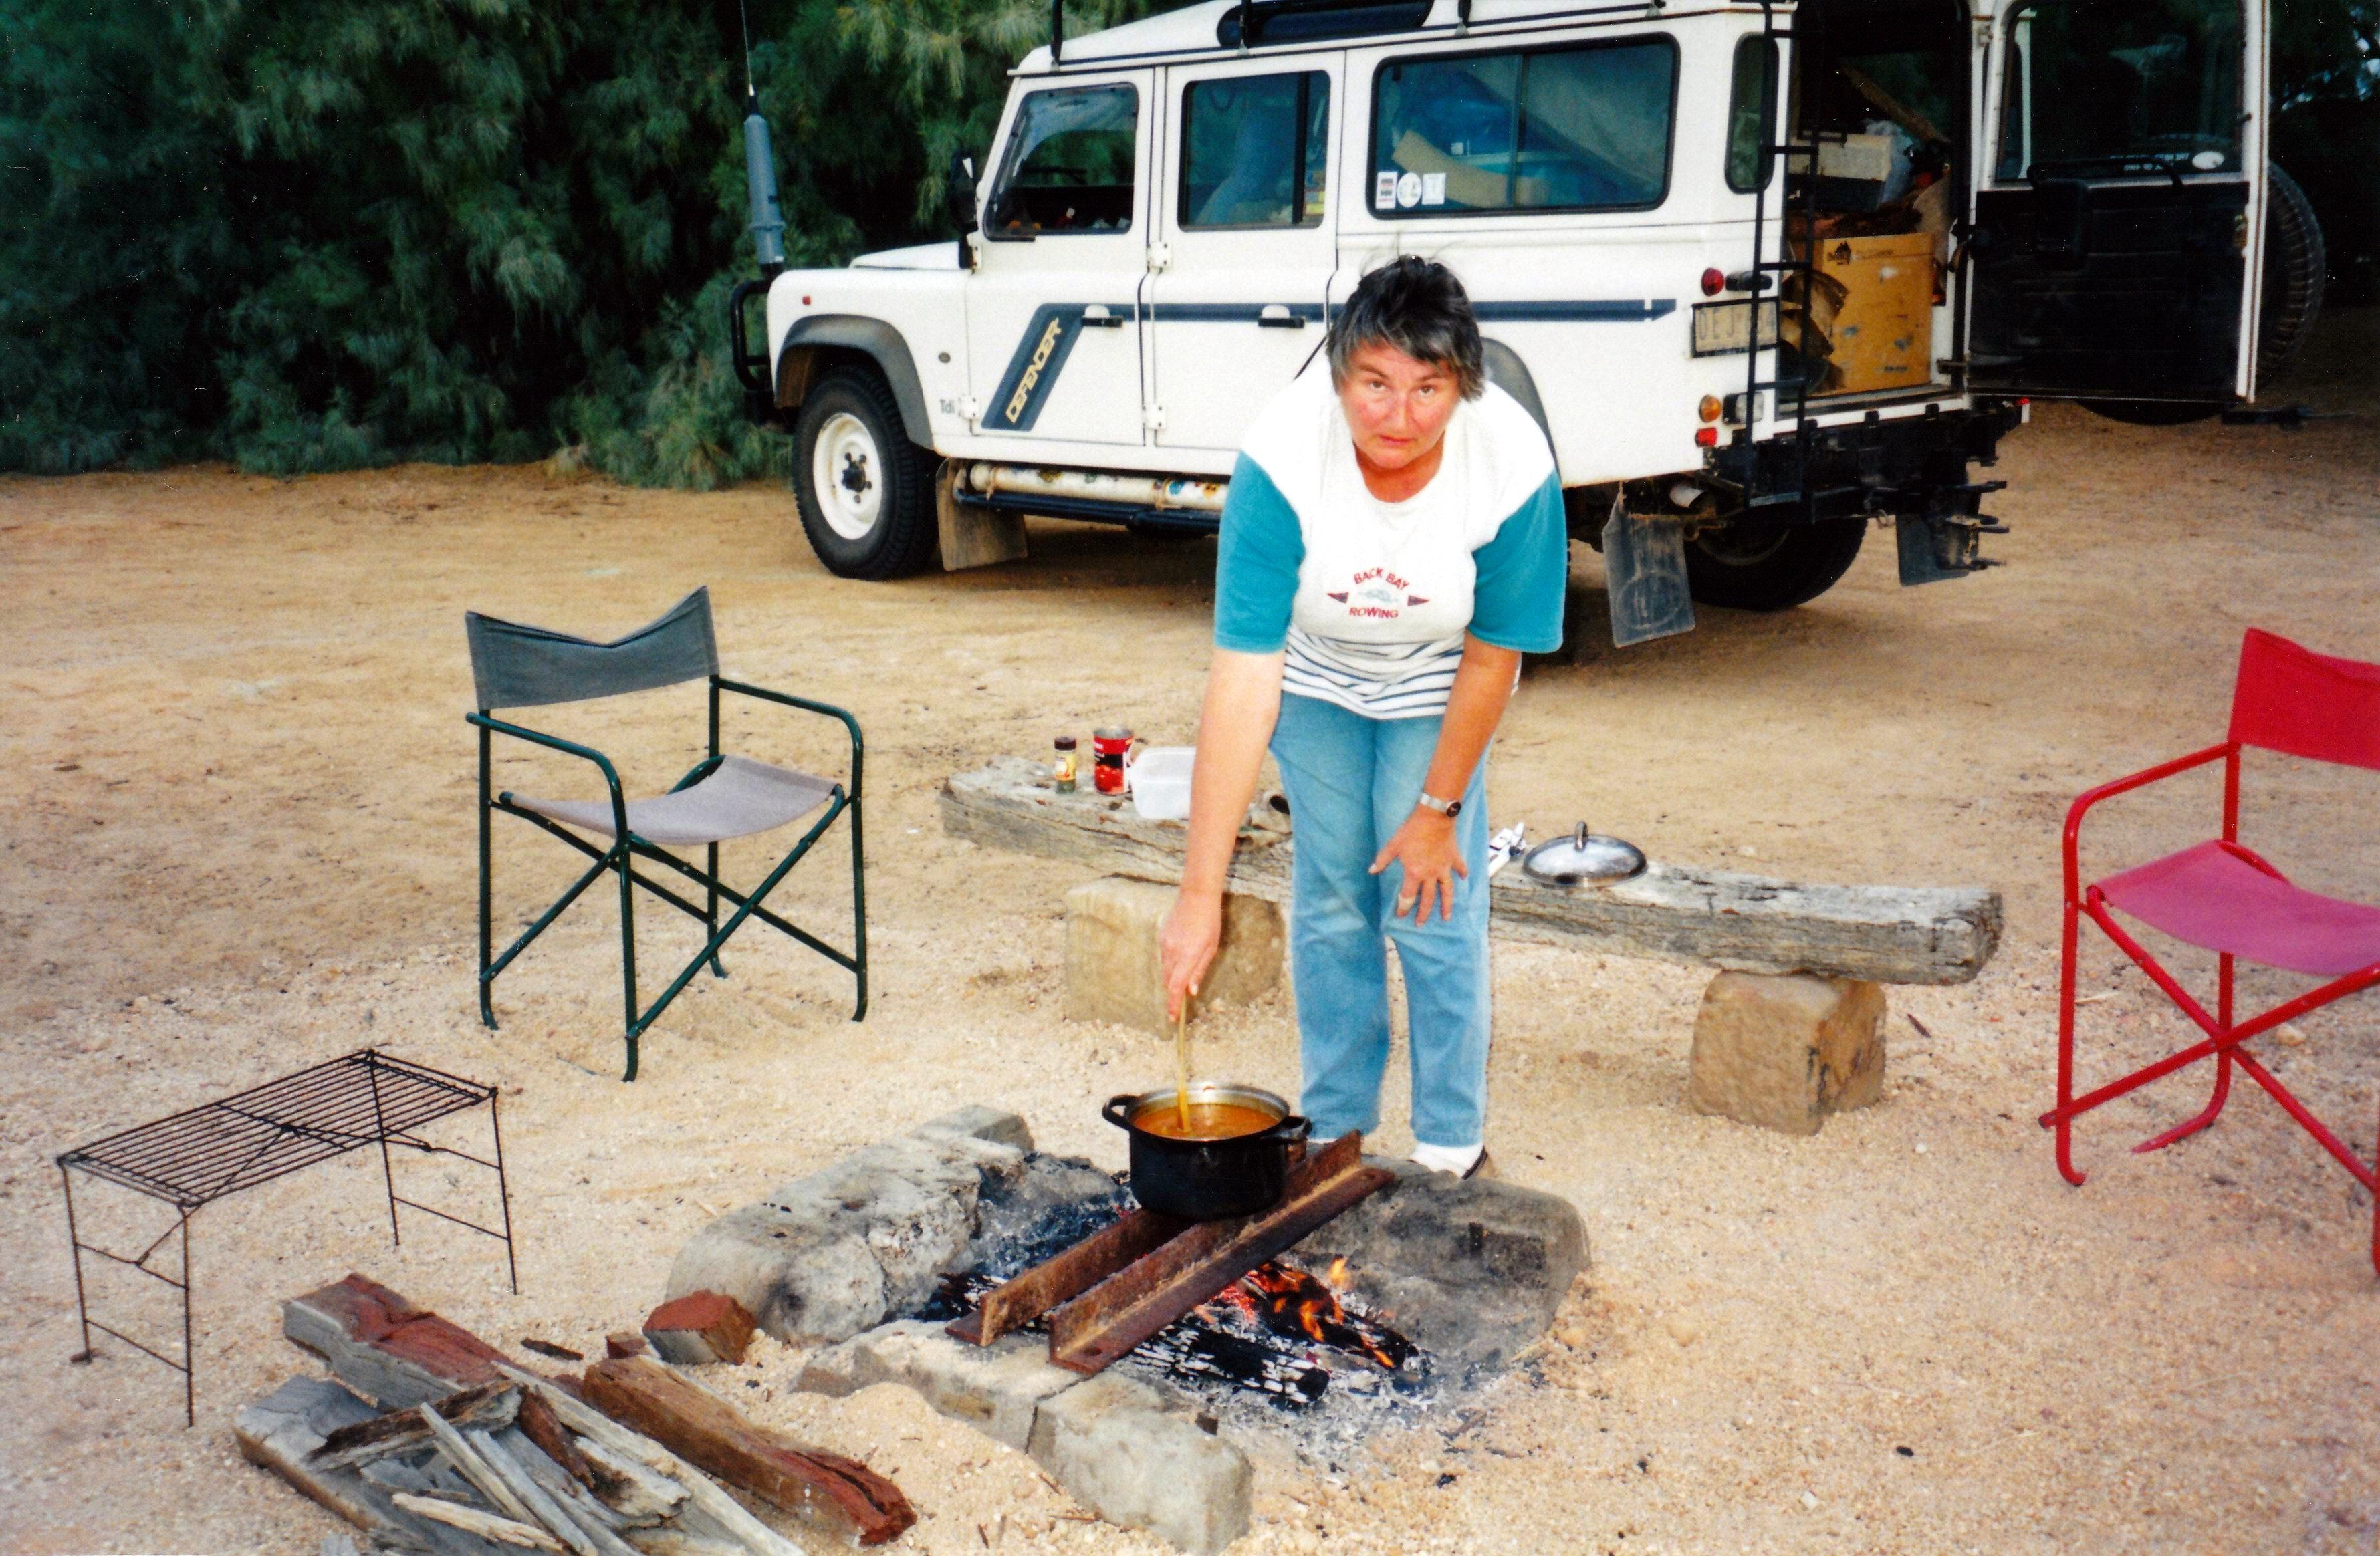 05-27-1999 05 Coward Springs making soup.jpg